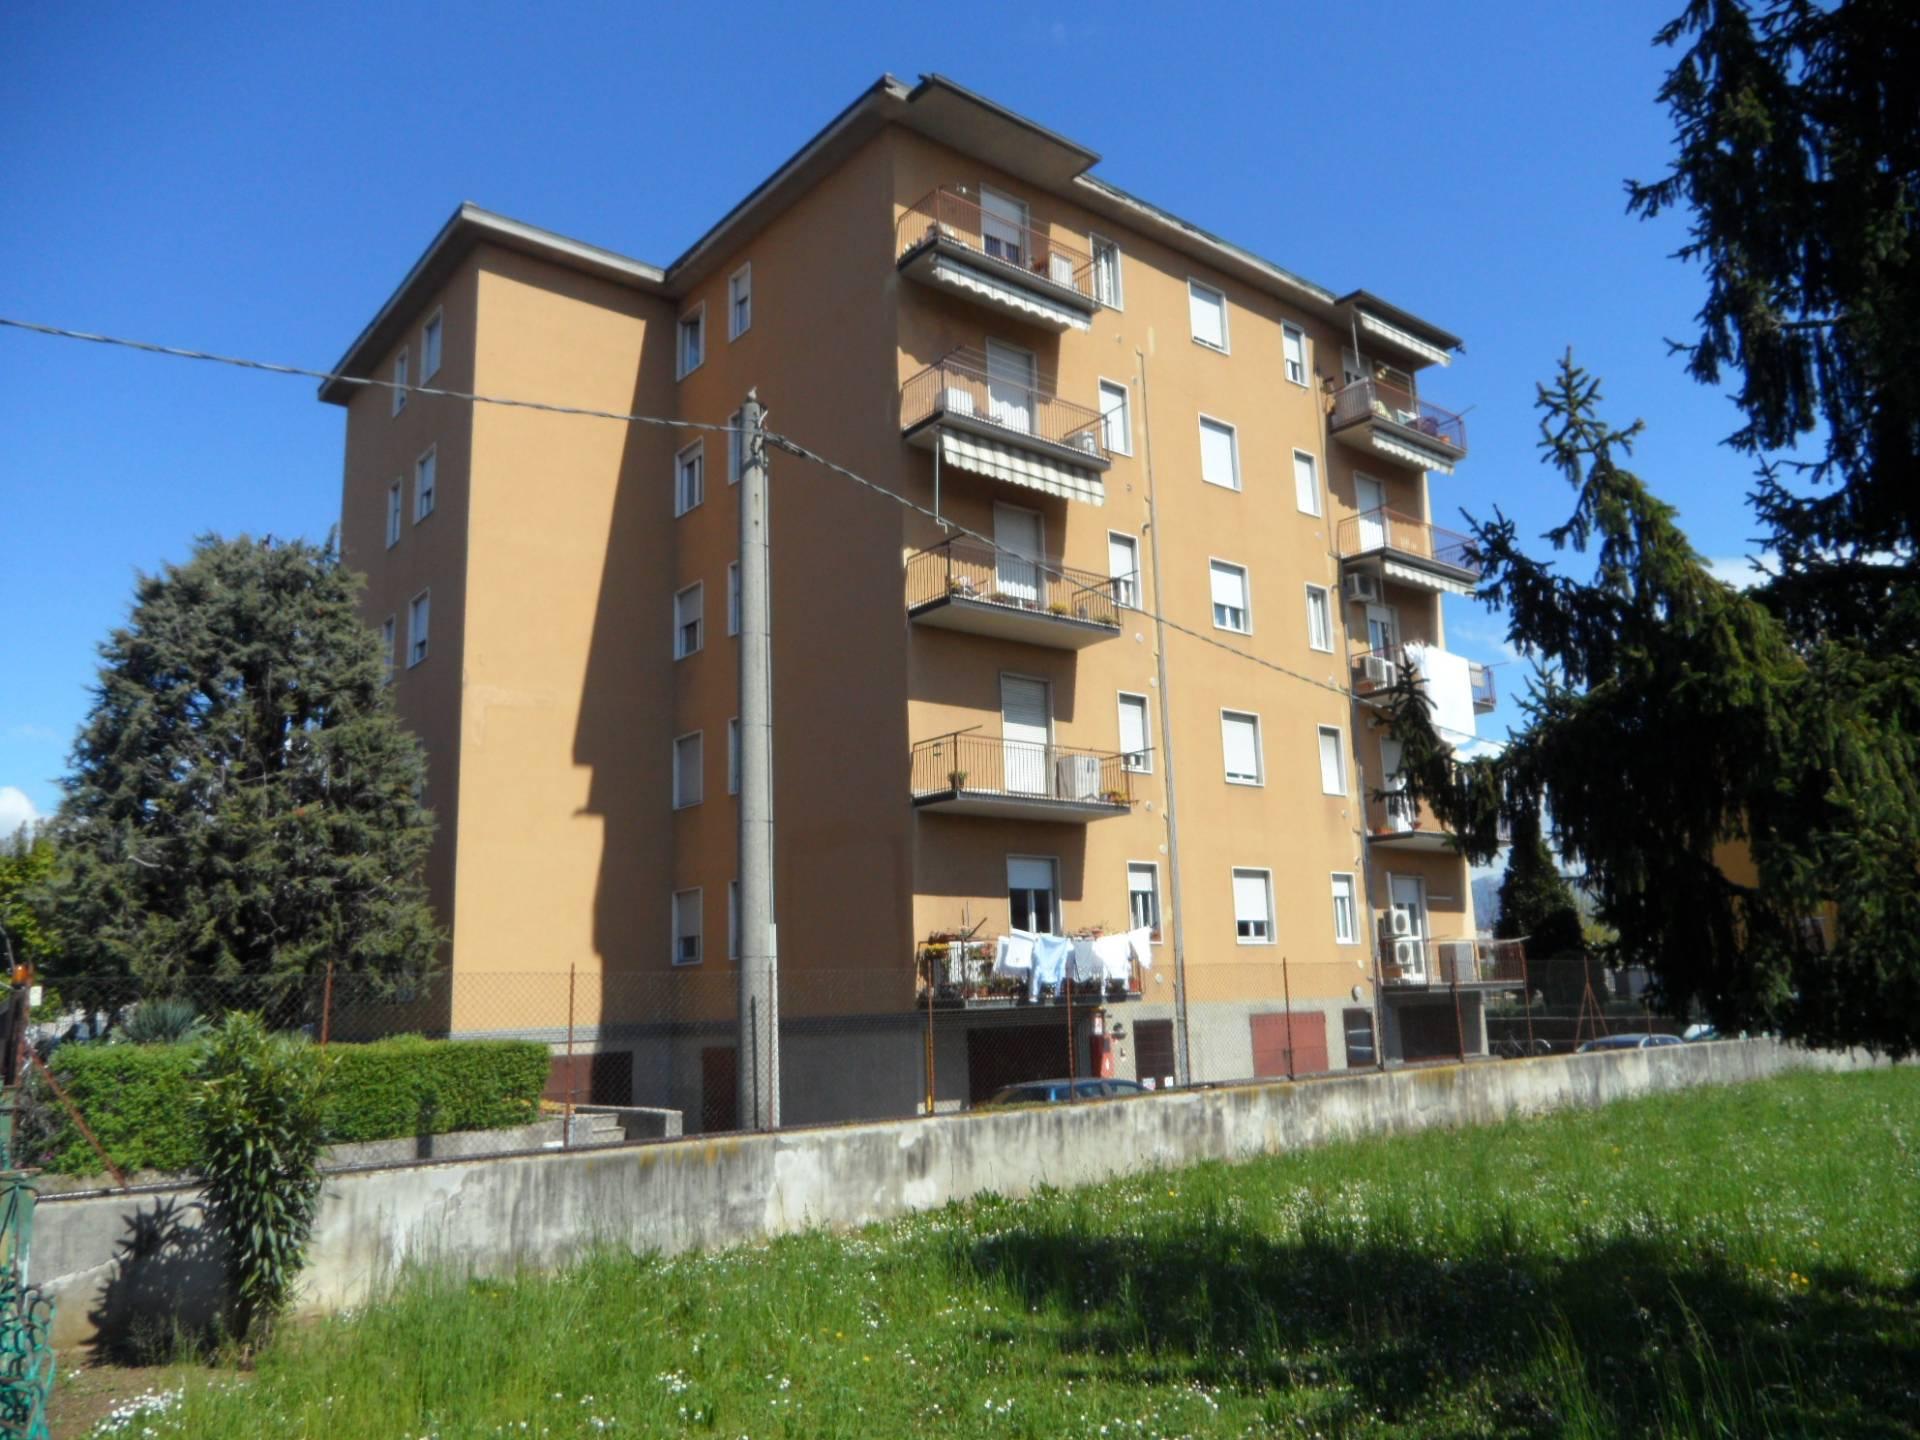 Appartamento in vendita a Grassobbio, 2 locali, prezzo € 70.000 | PortaleAgenzieImmobiliari.it